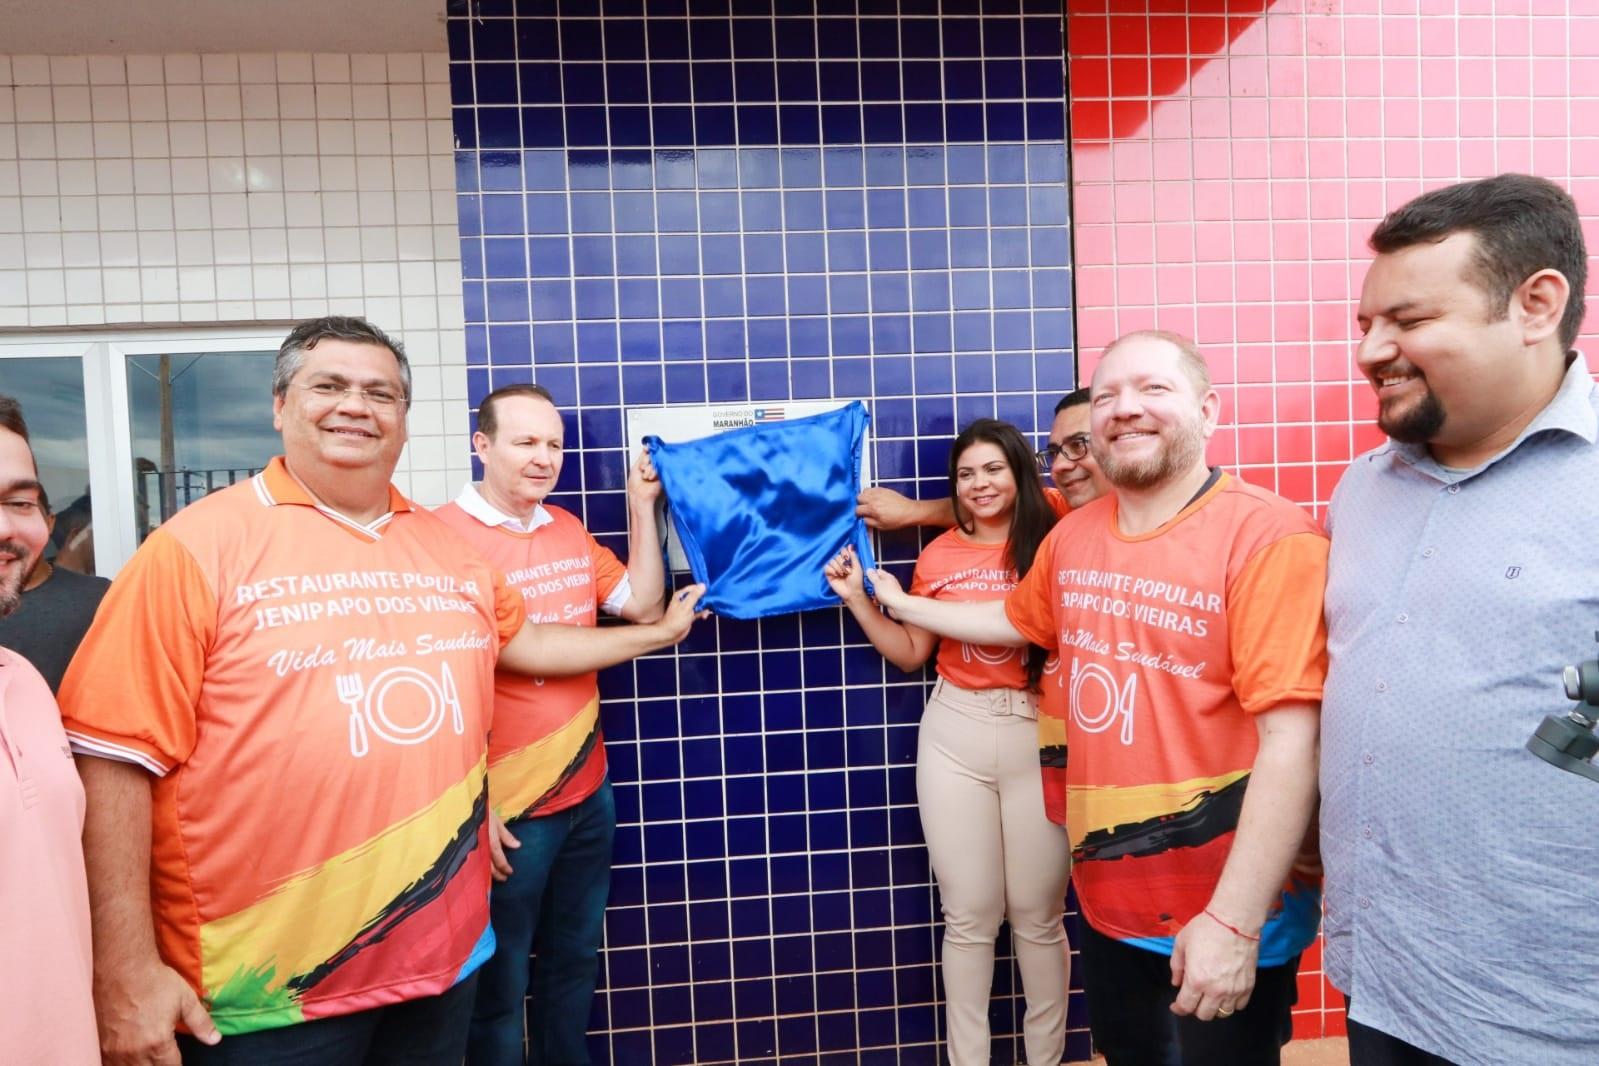 Flávio Dino, Othelino Neto, Moisés Ventura e outras autoridades descerram a placa de inauguração do restaurante popular